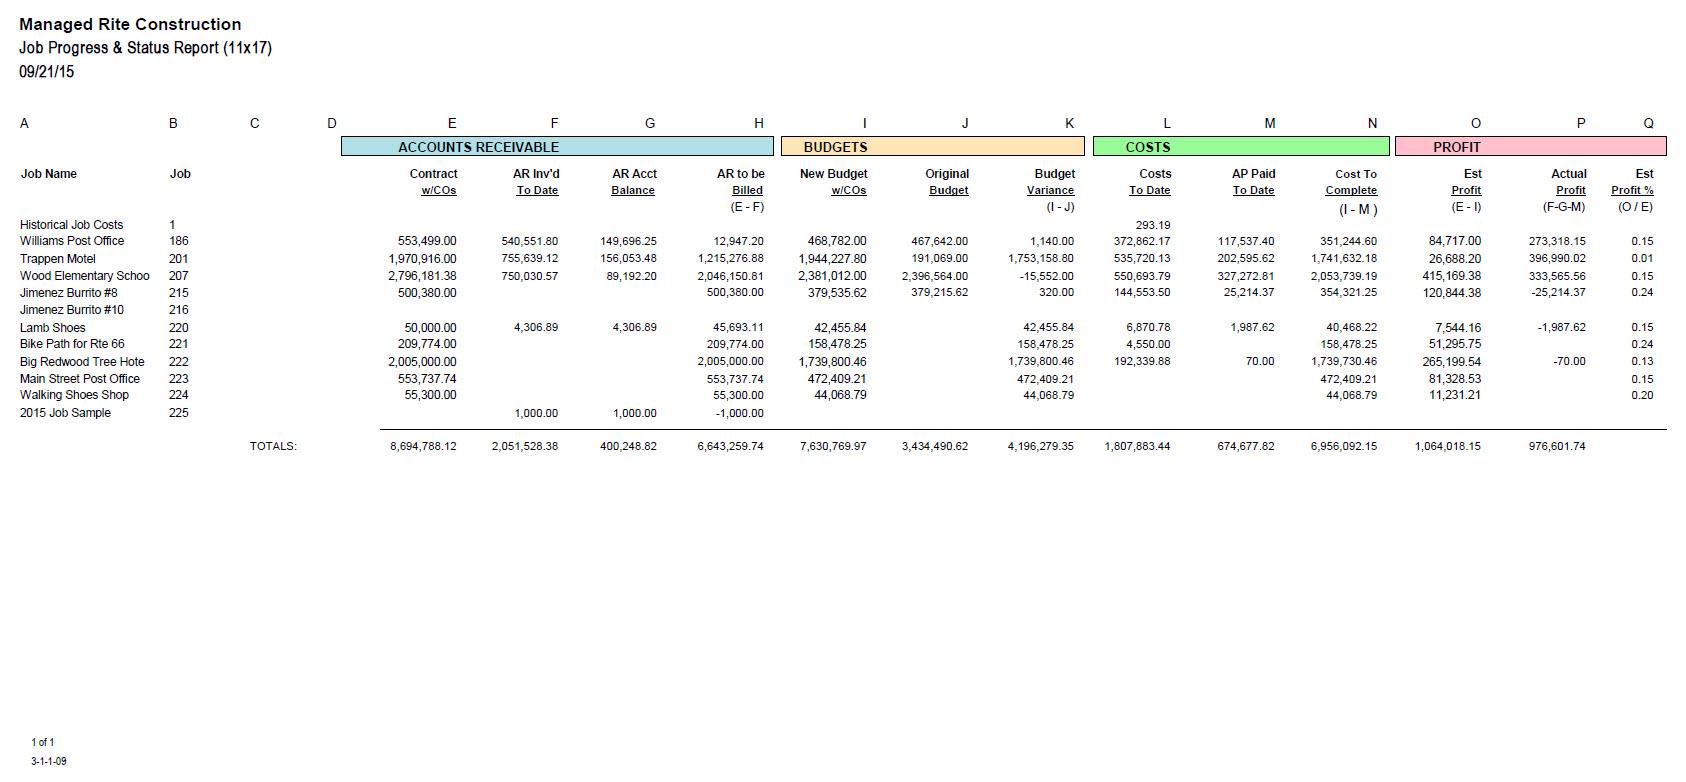 03-01-01-09 Job Progress & Status Report (11x17)